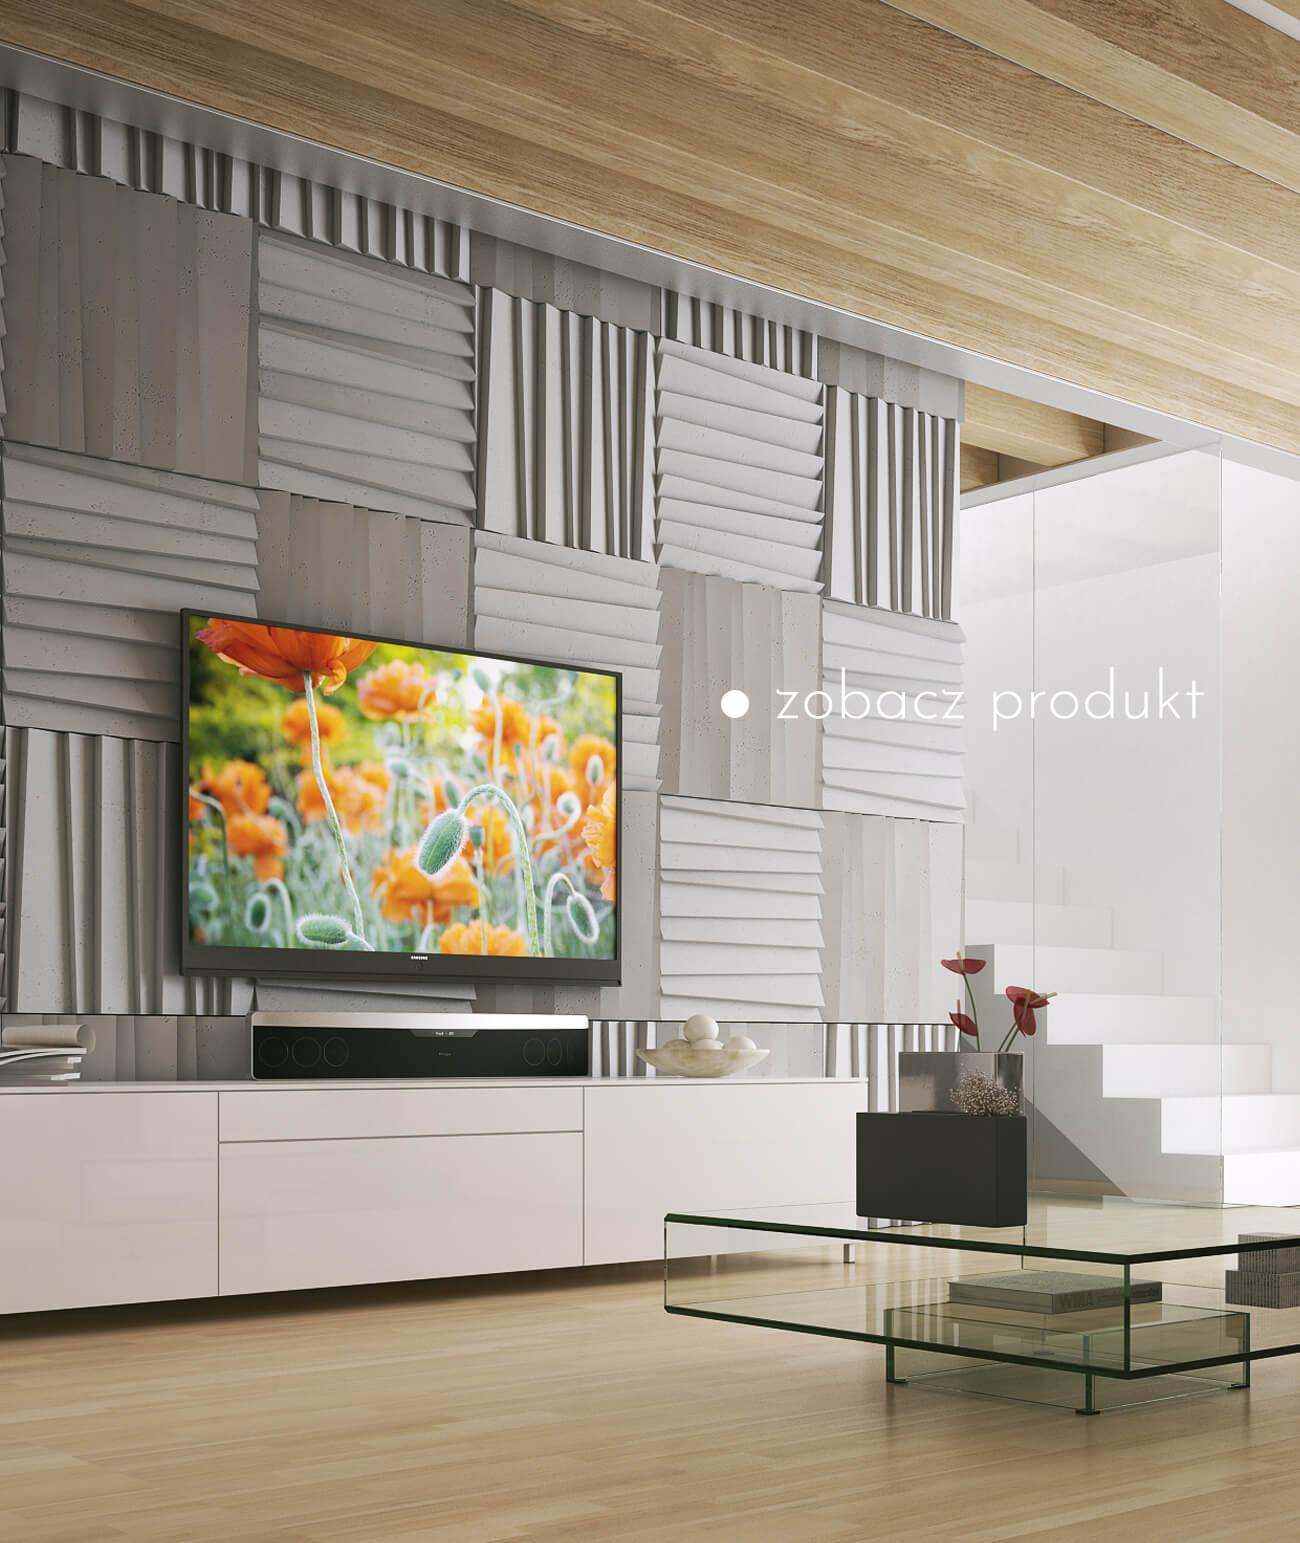 panele-betonowe-3d-scienne-i-elewacyjne-beton-architektoniczny_312-1613-pb04-ks-kosc-sloniowa-zaluzje---panel-dekor-3d-beton-architektoniczny-panel-scienny